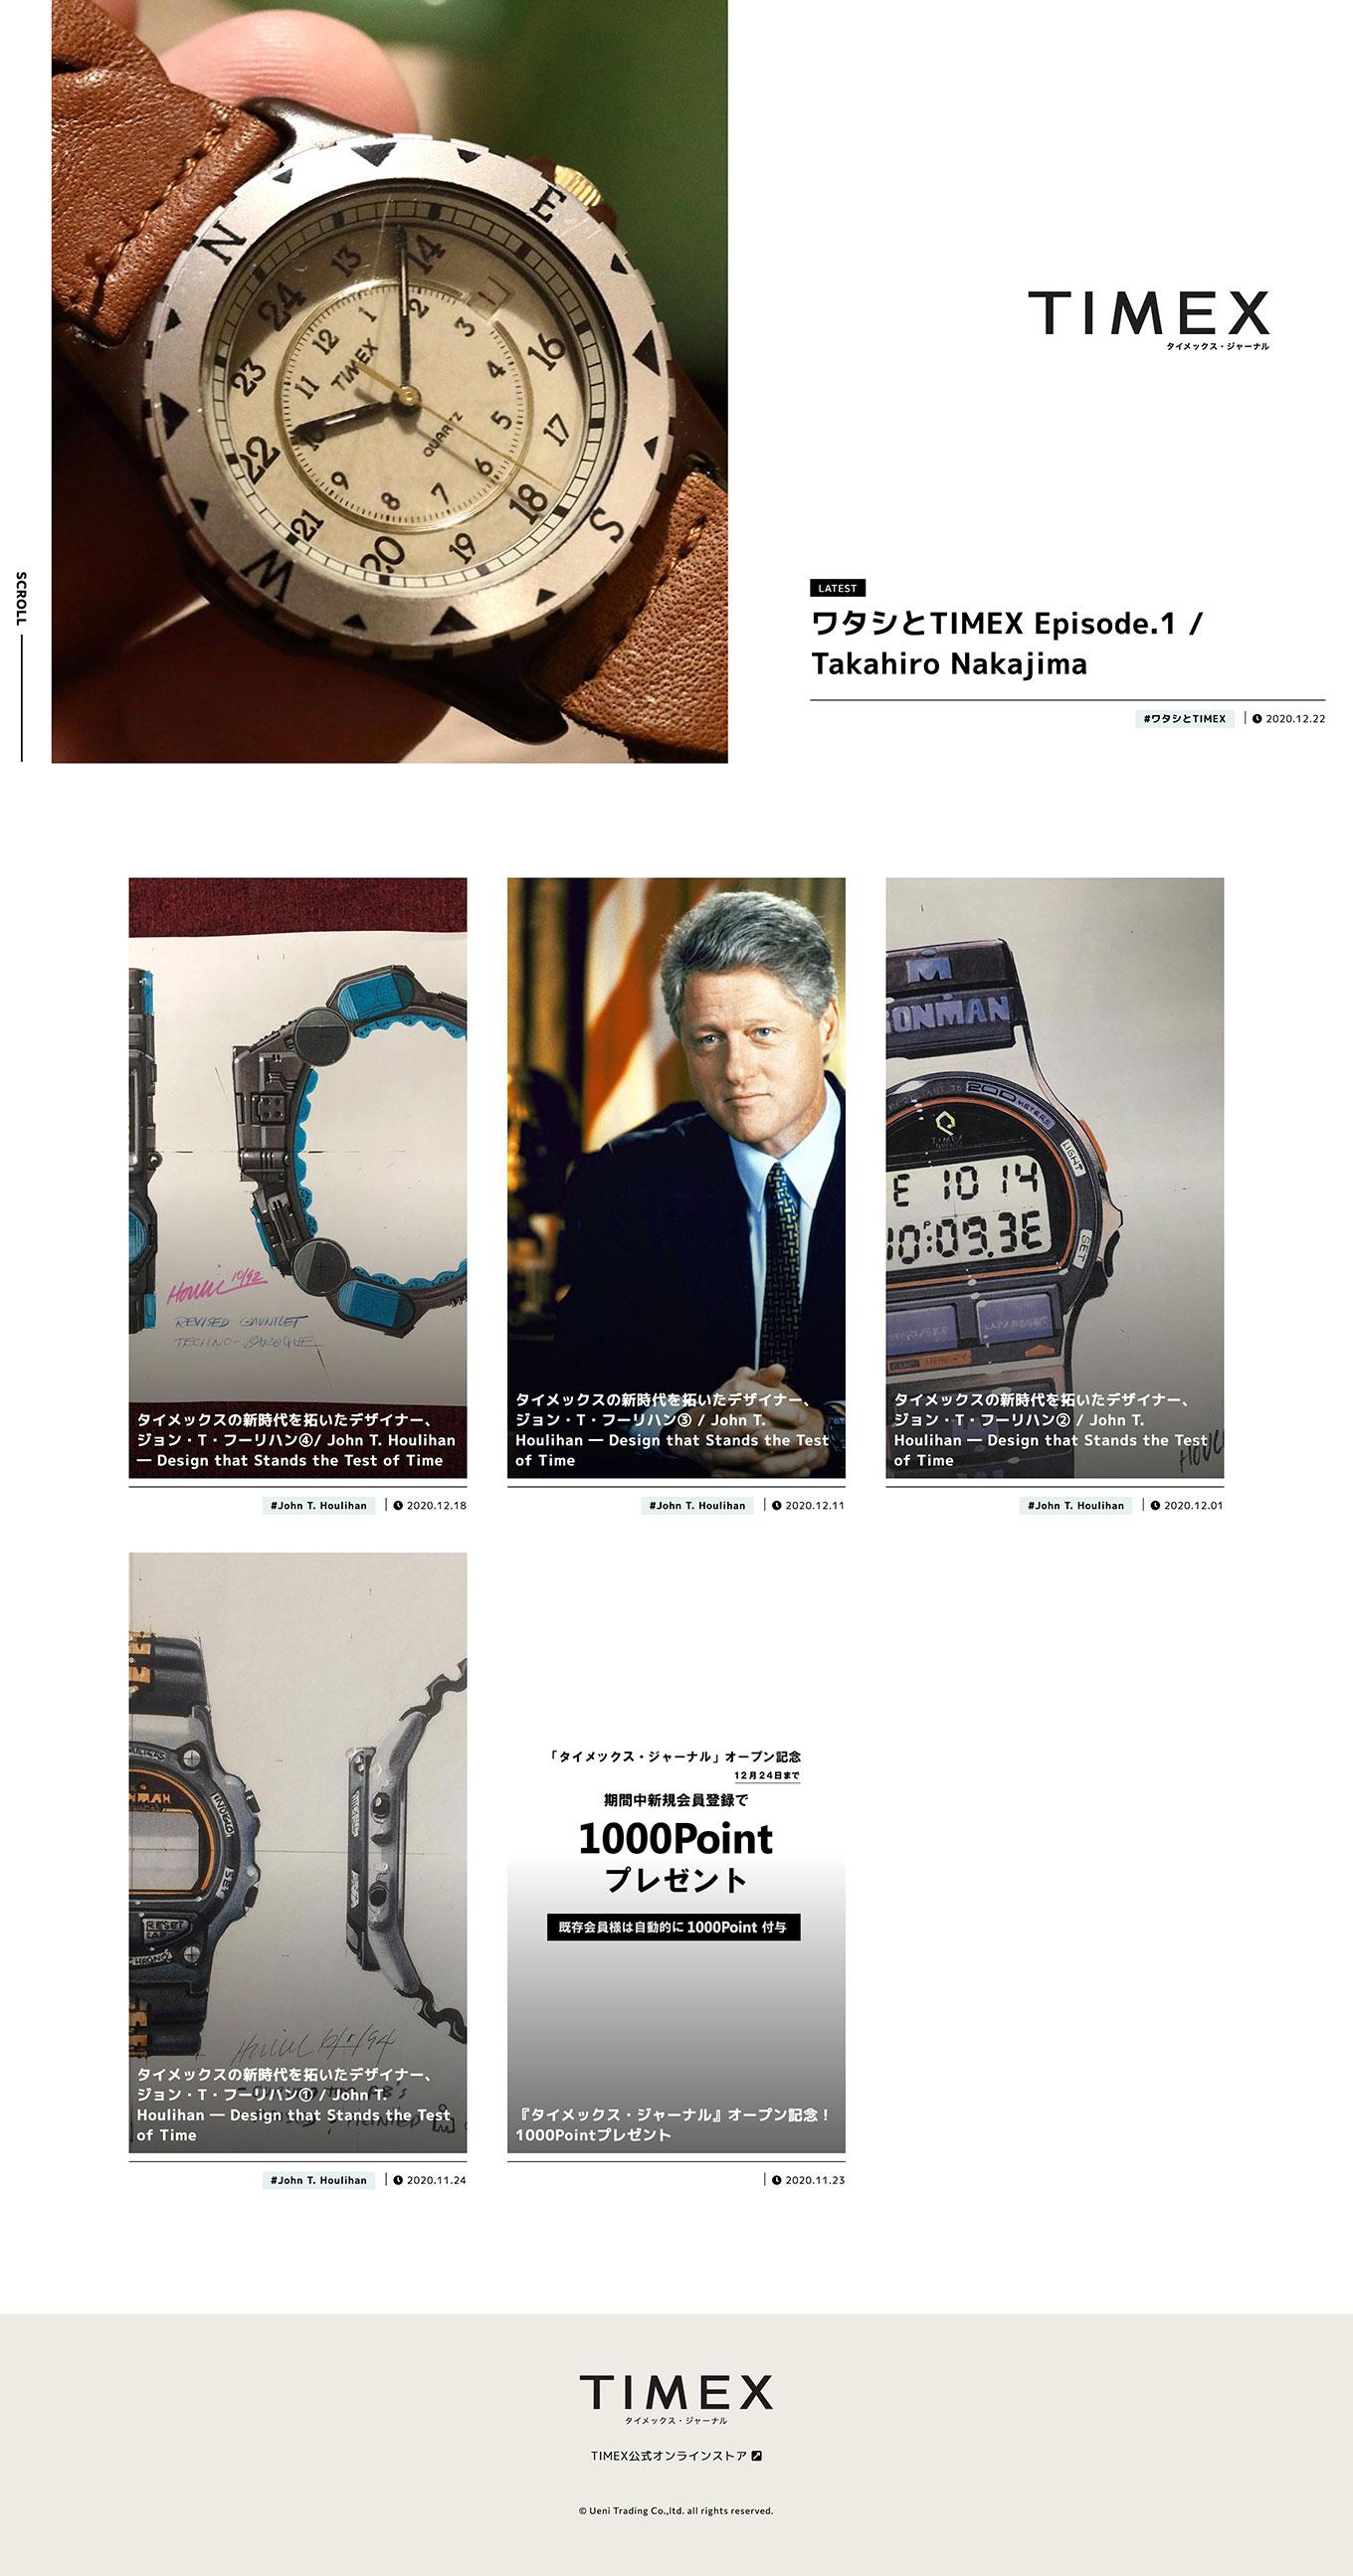 TIMEX JOURNAL(タイメックスジャーナル)のウェブサイトを新規制作しましたスマートフォンの見た目